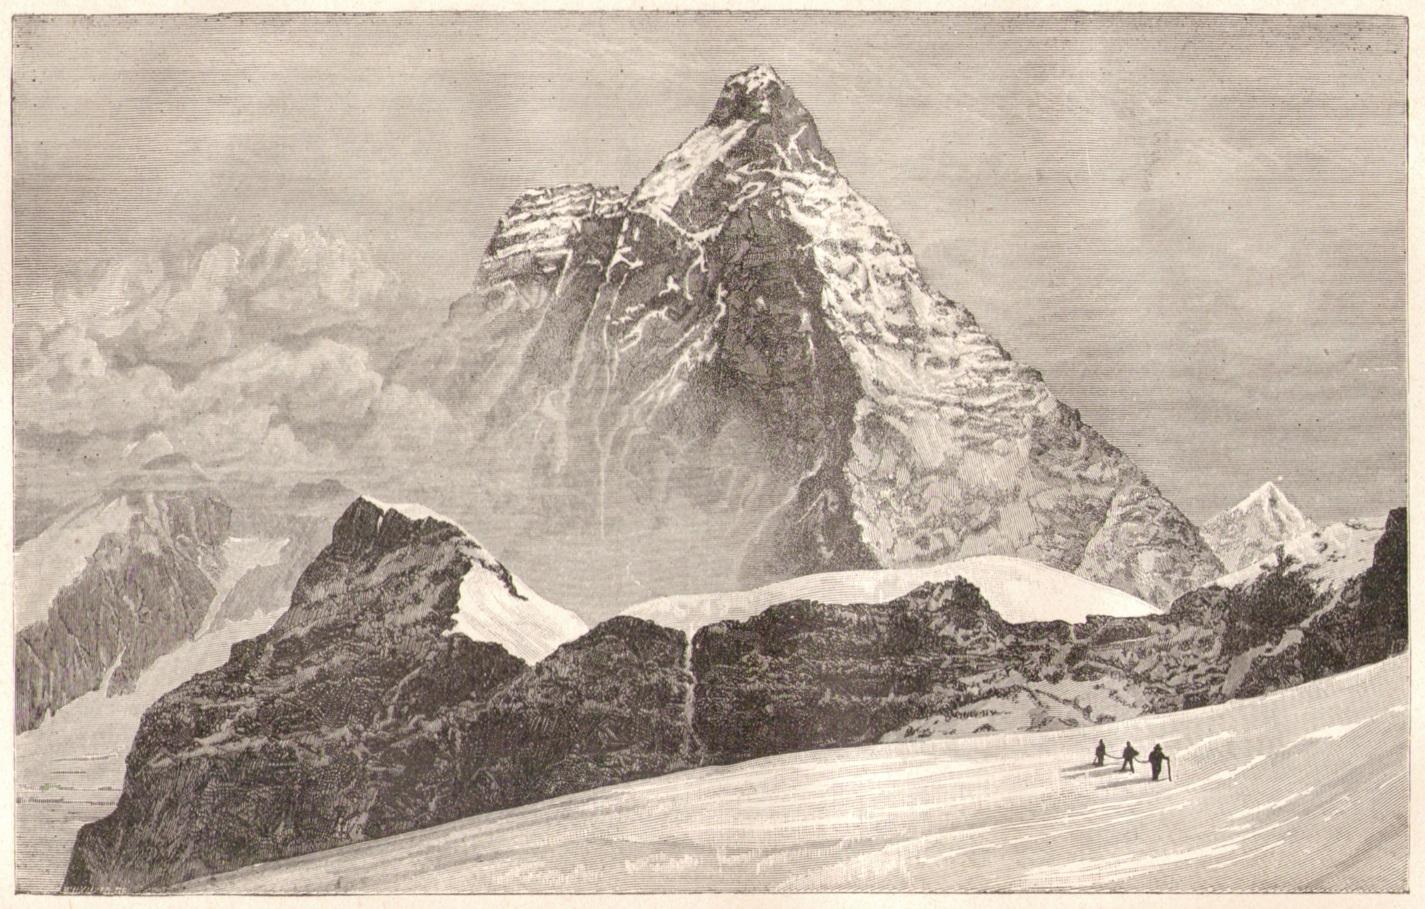 Edward Whymper01  Matterhorn vom Theodulepassp.jpg